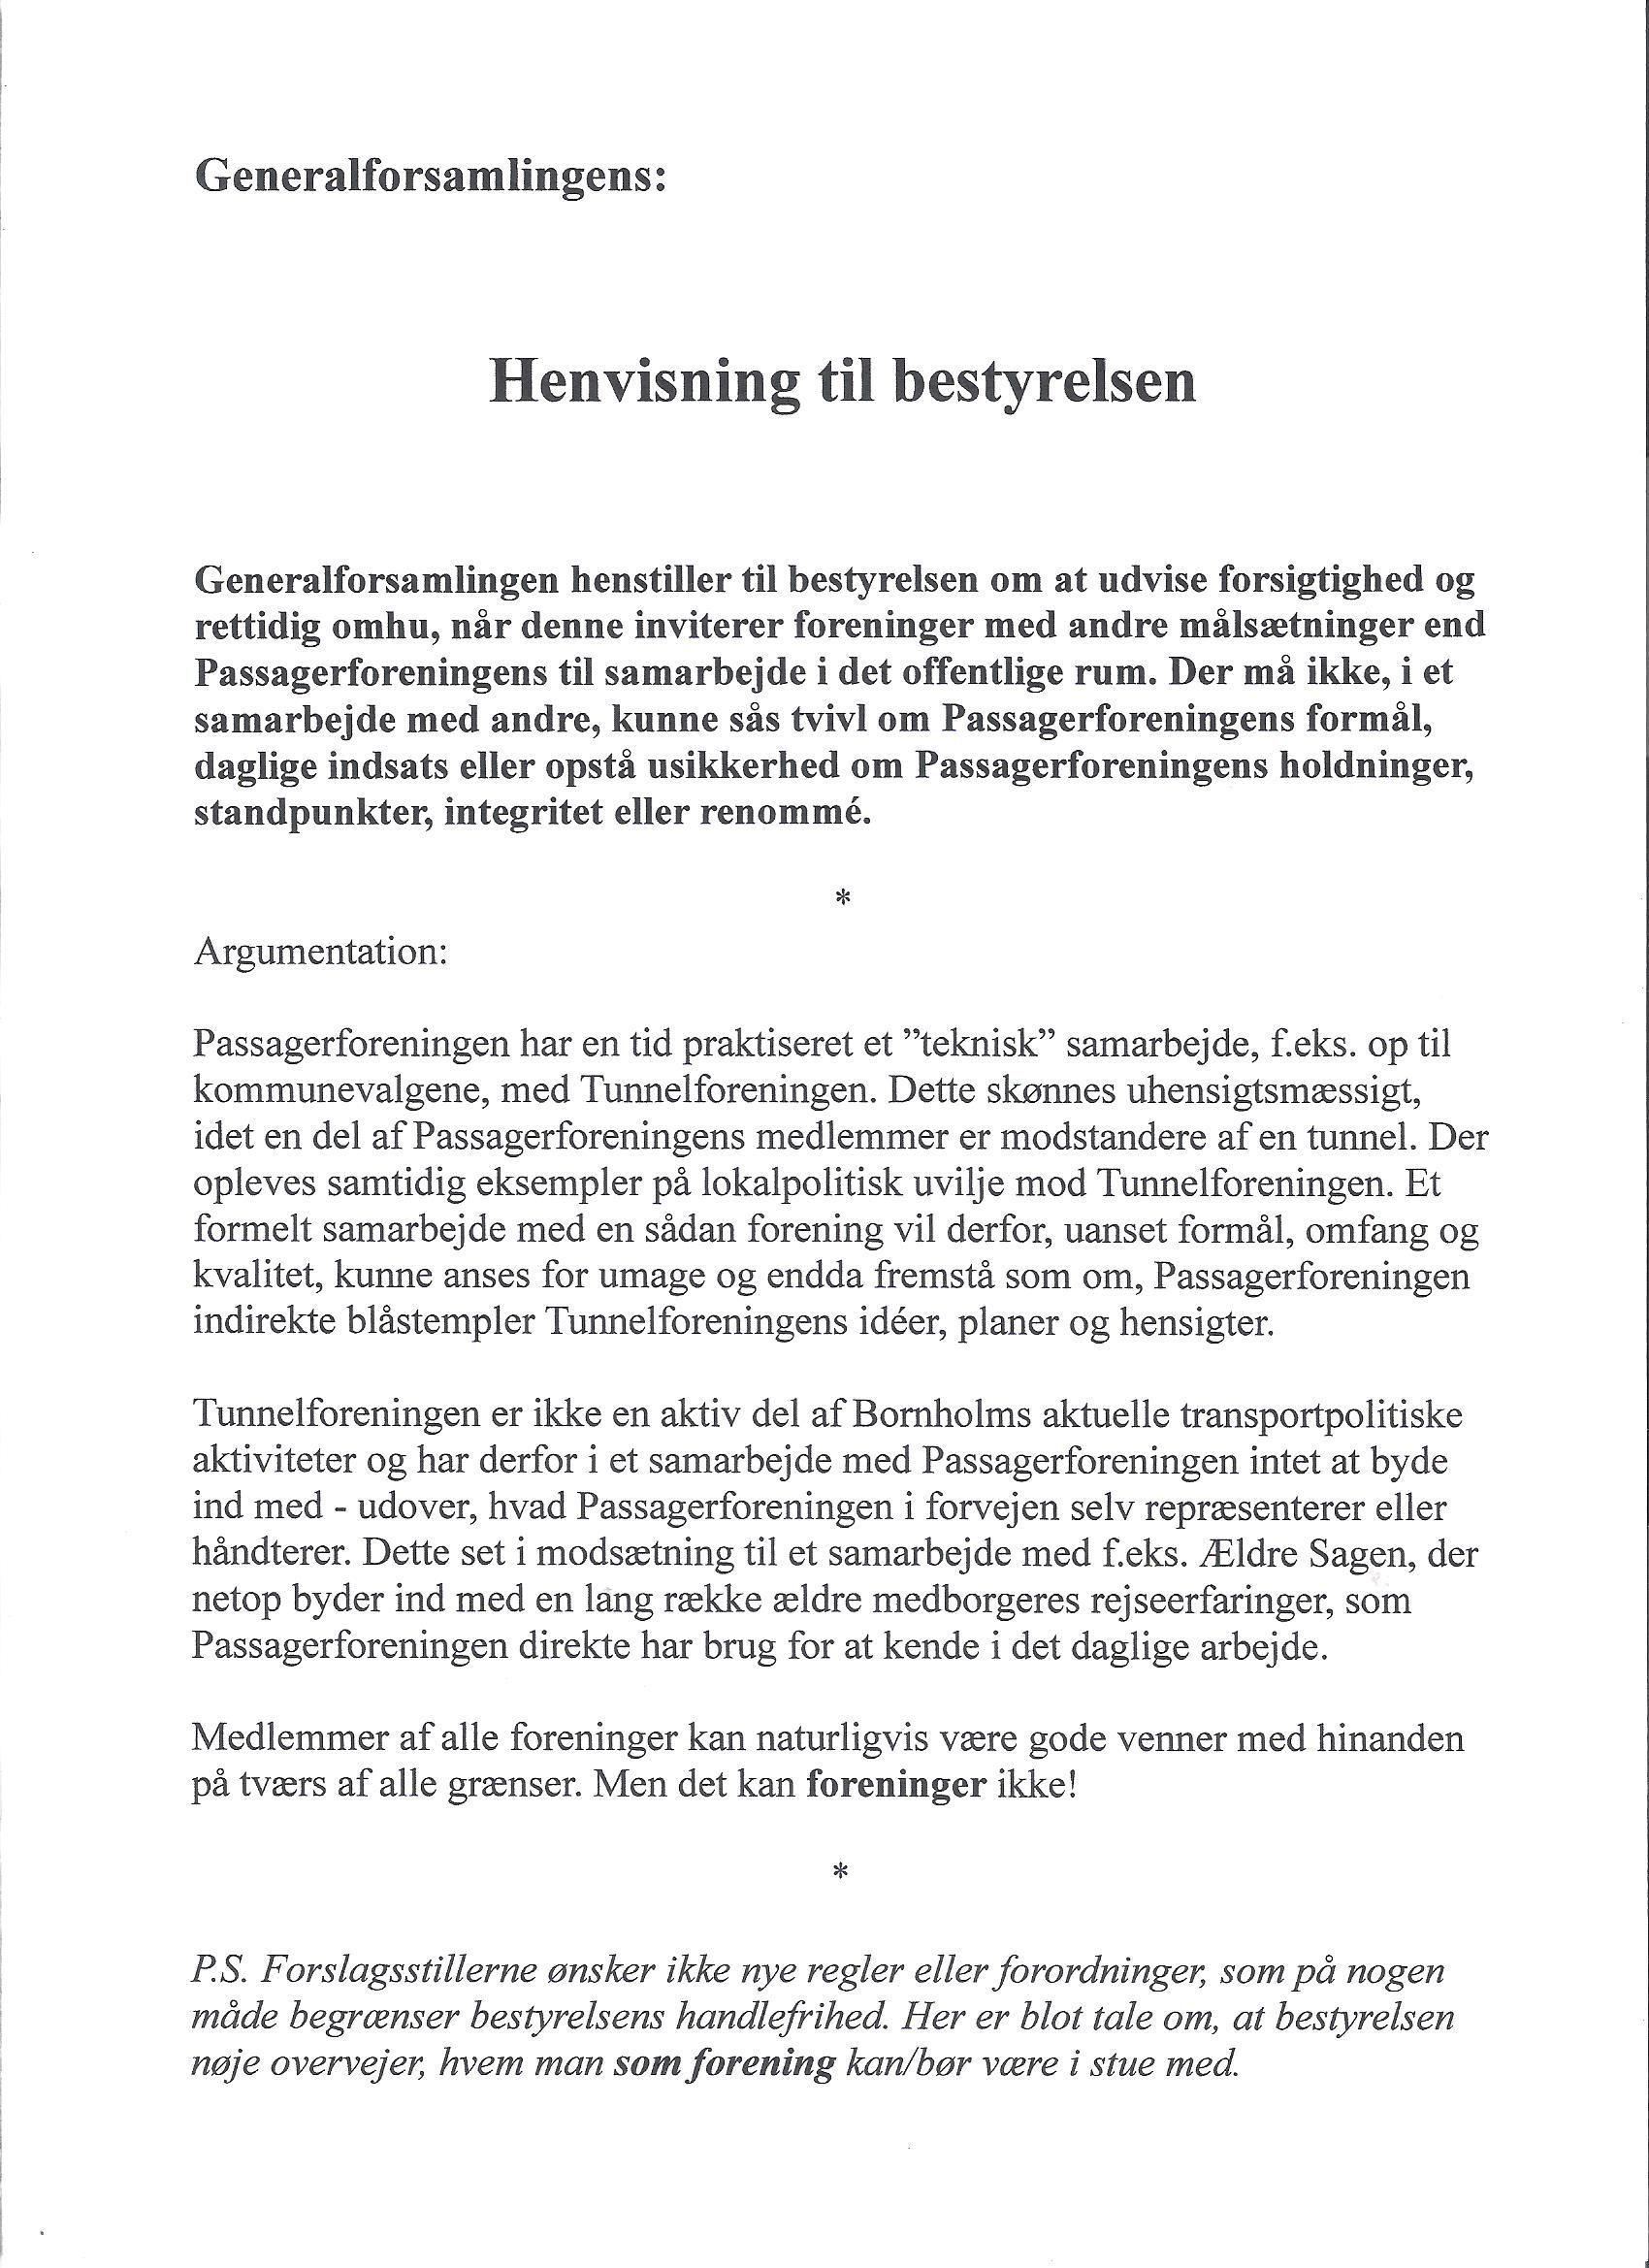 Henvisning fra Freddie Ottenheim m.fl. - forelægges 21. marts 2014